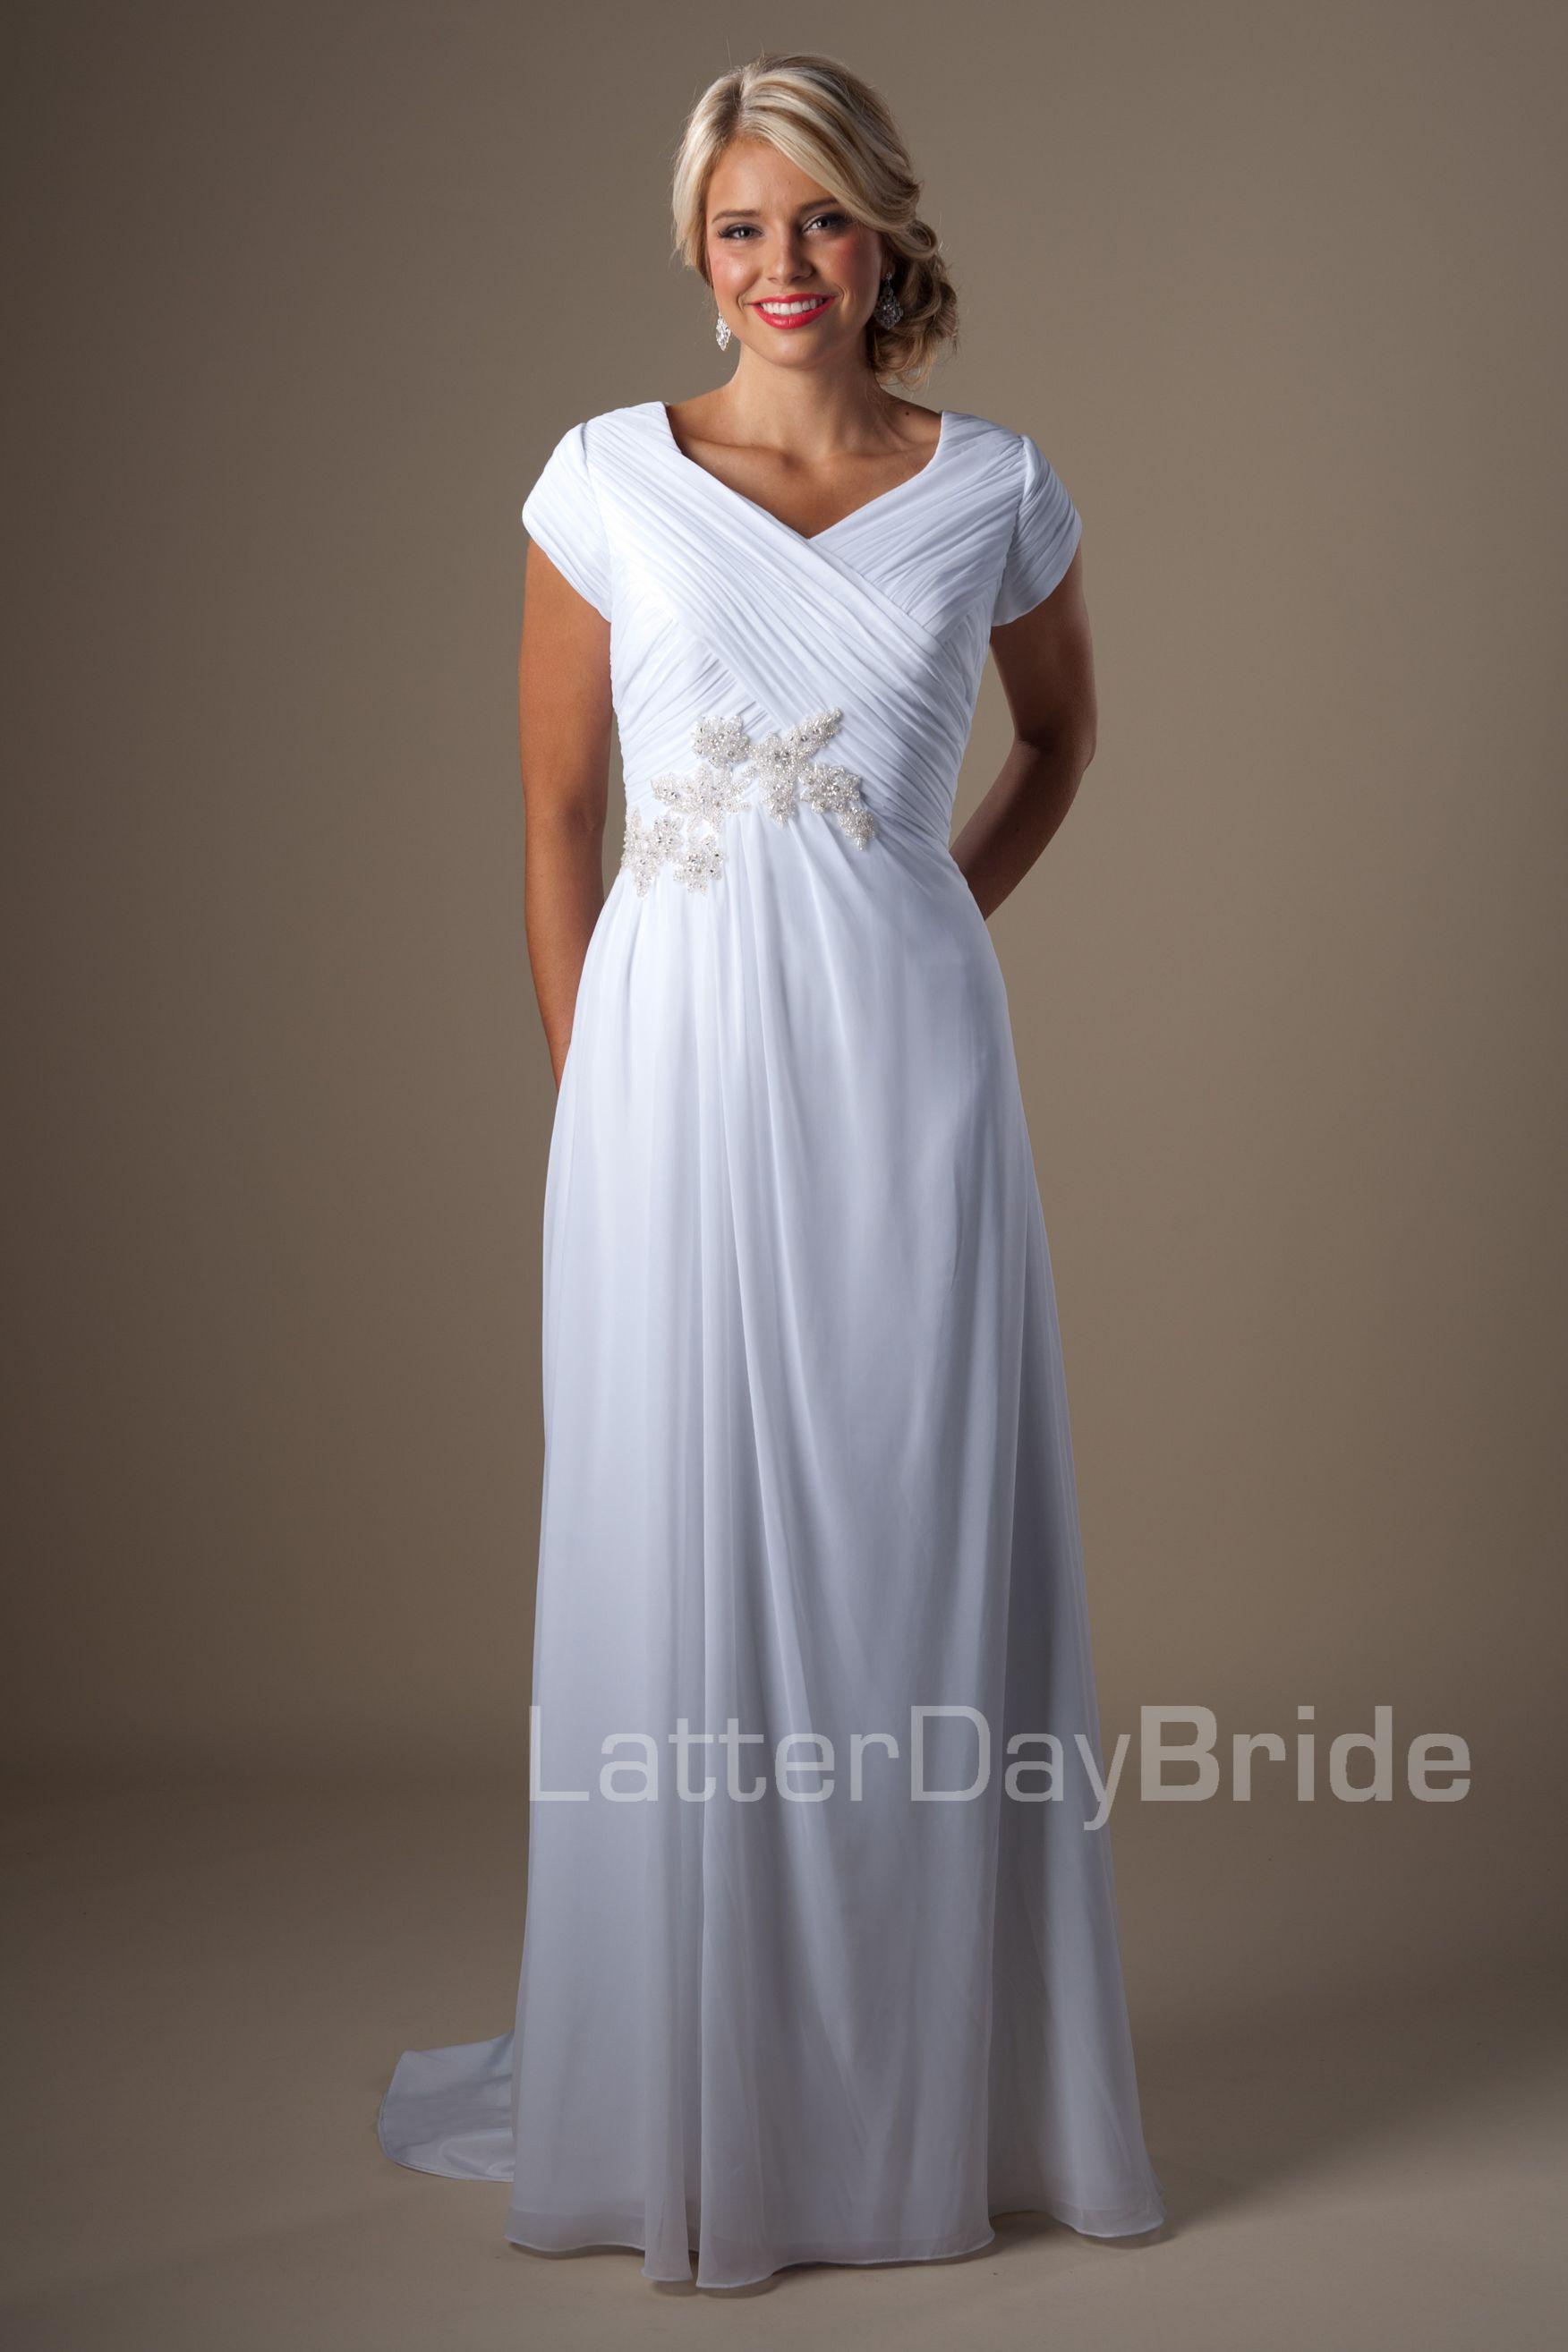 Modest wedding dresses lovette latter day bride for Latter day bride wedding dresses